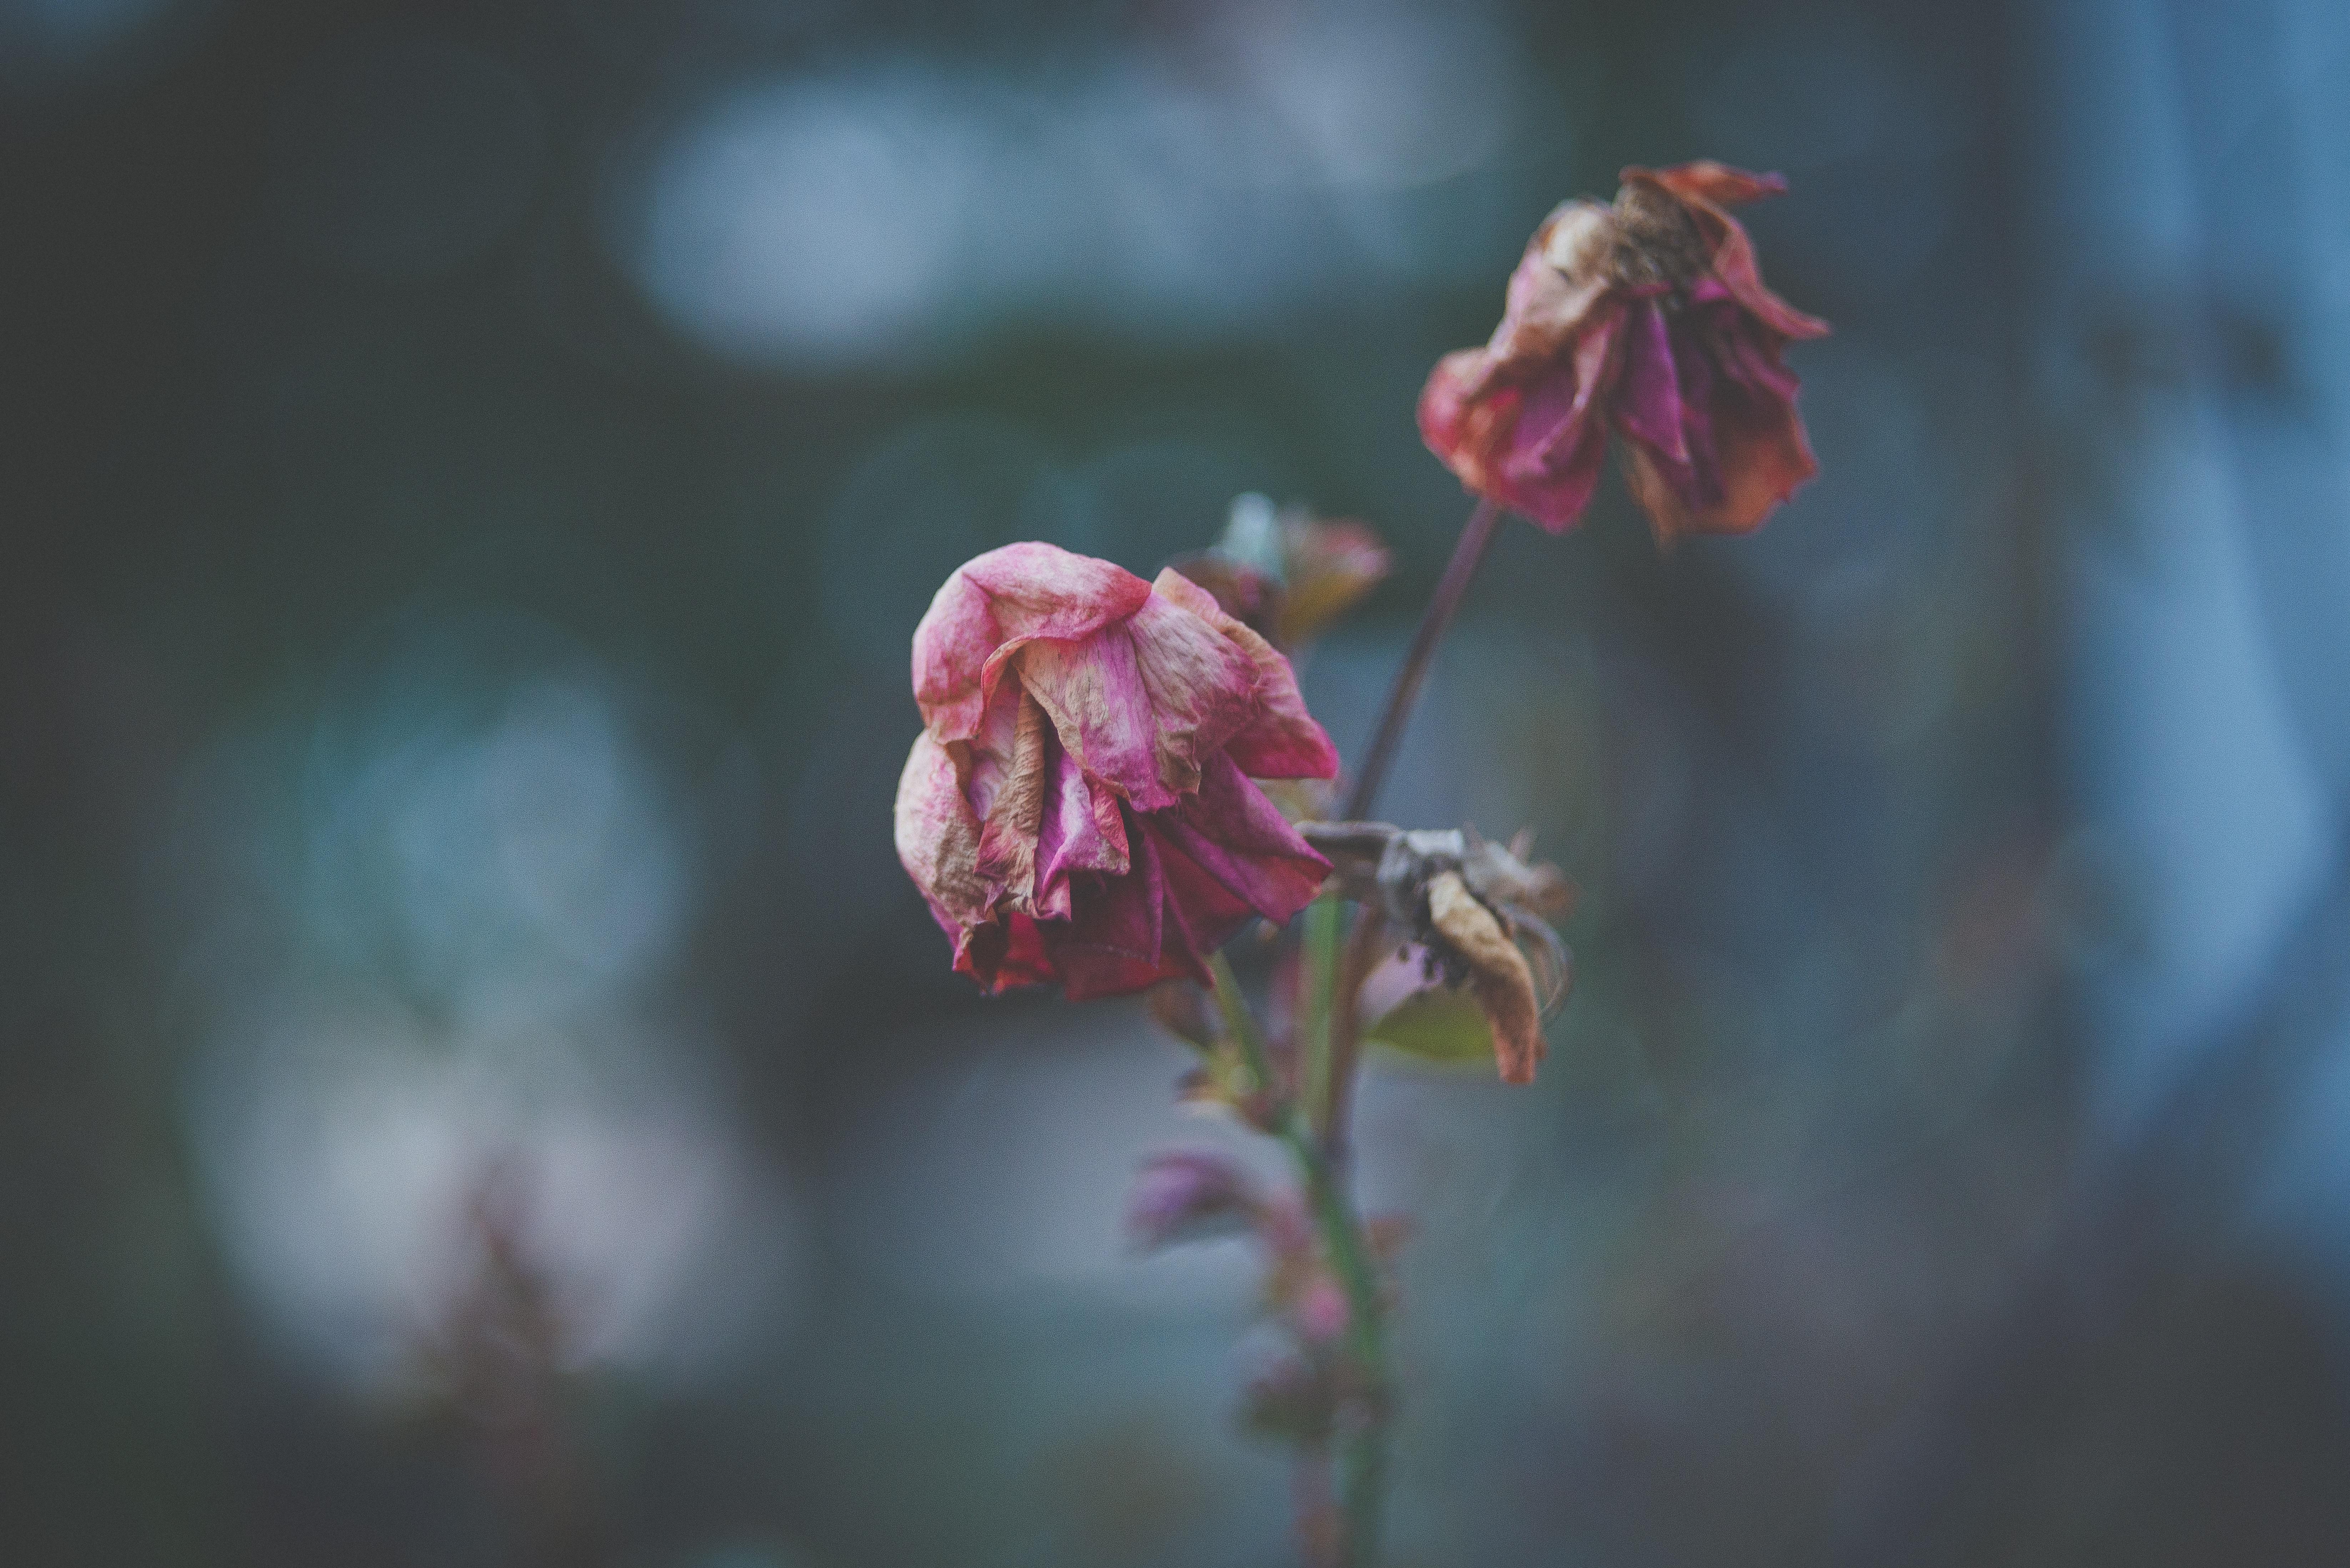 Gambar Alam Cabang Mekar Menanam Daun Bunga Mawar Musim